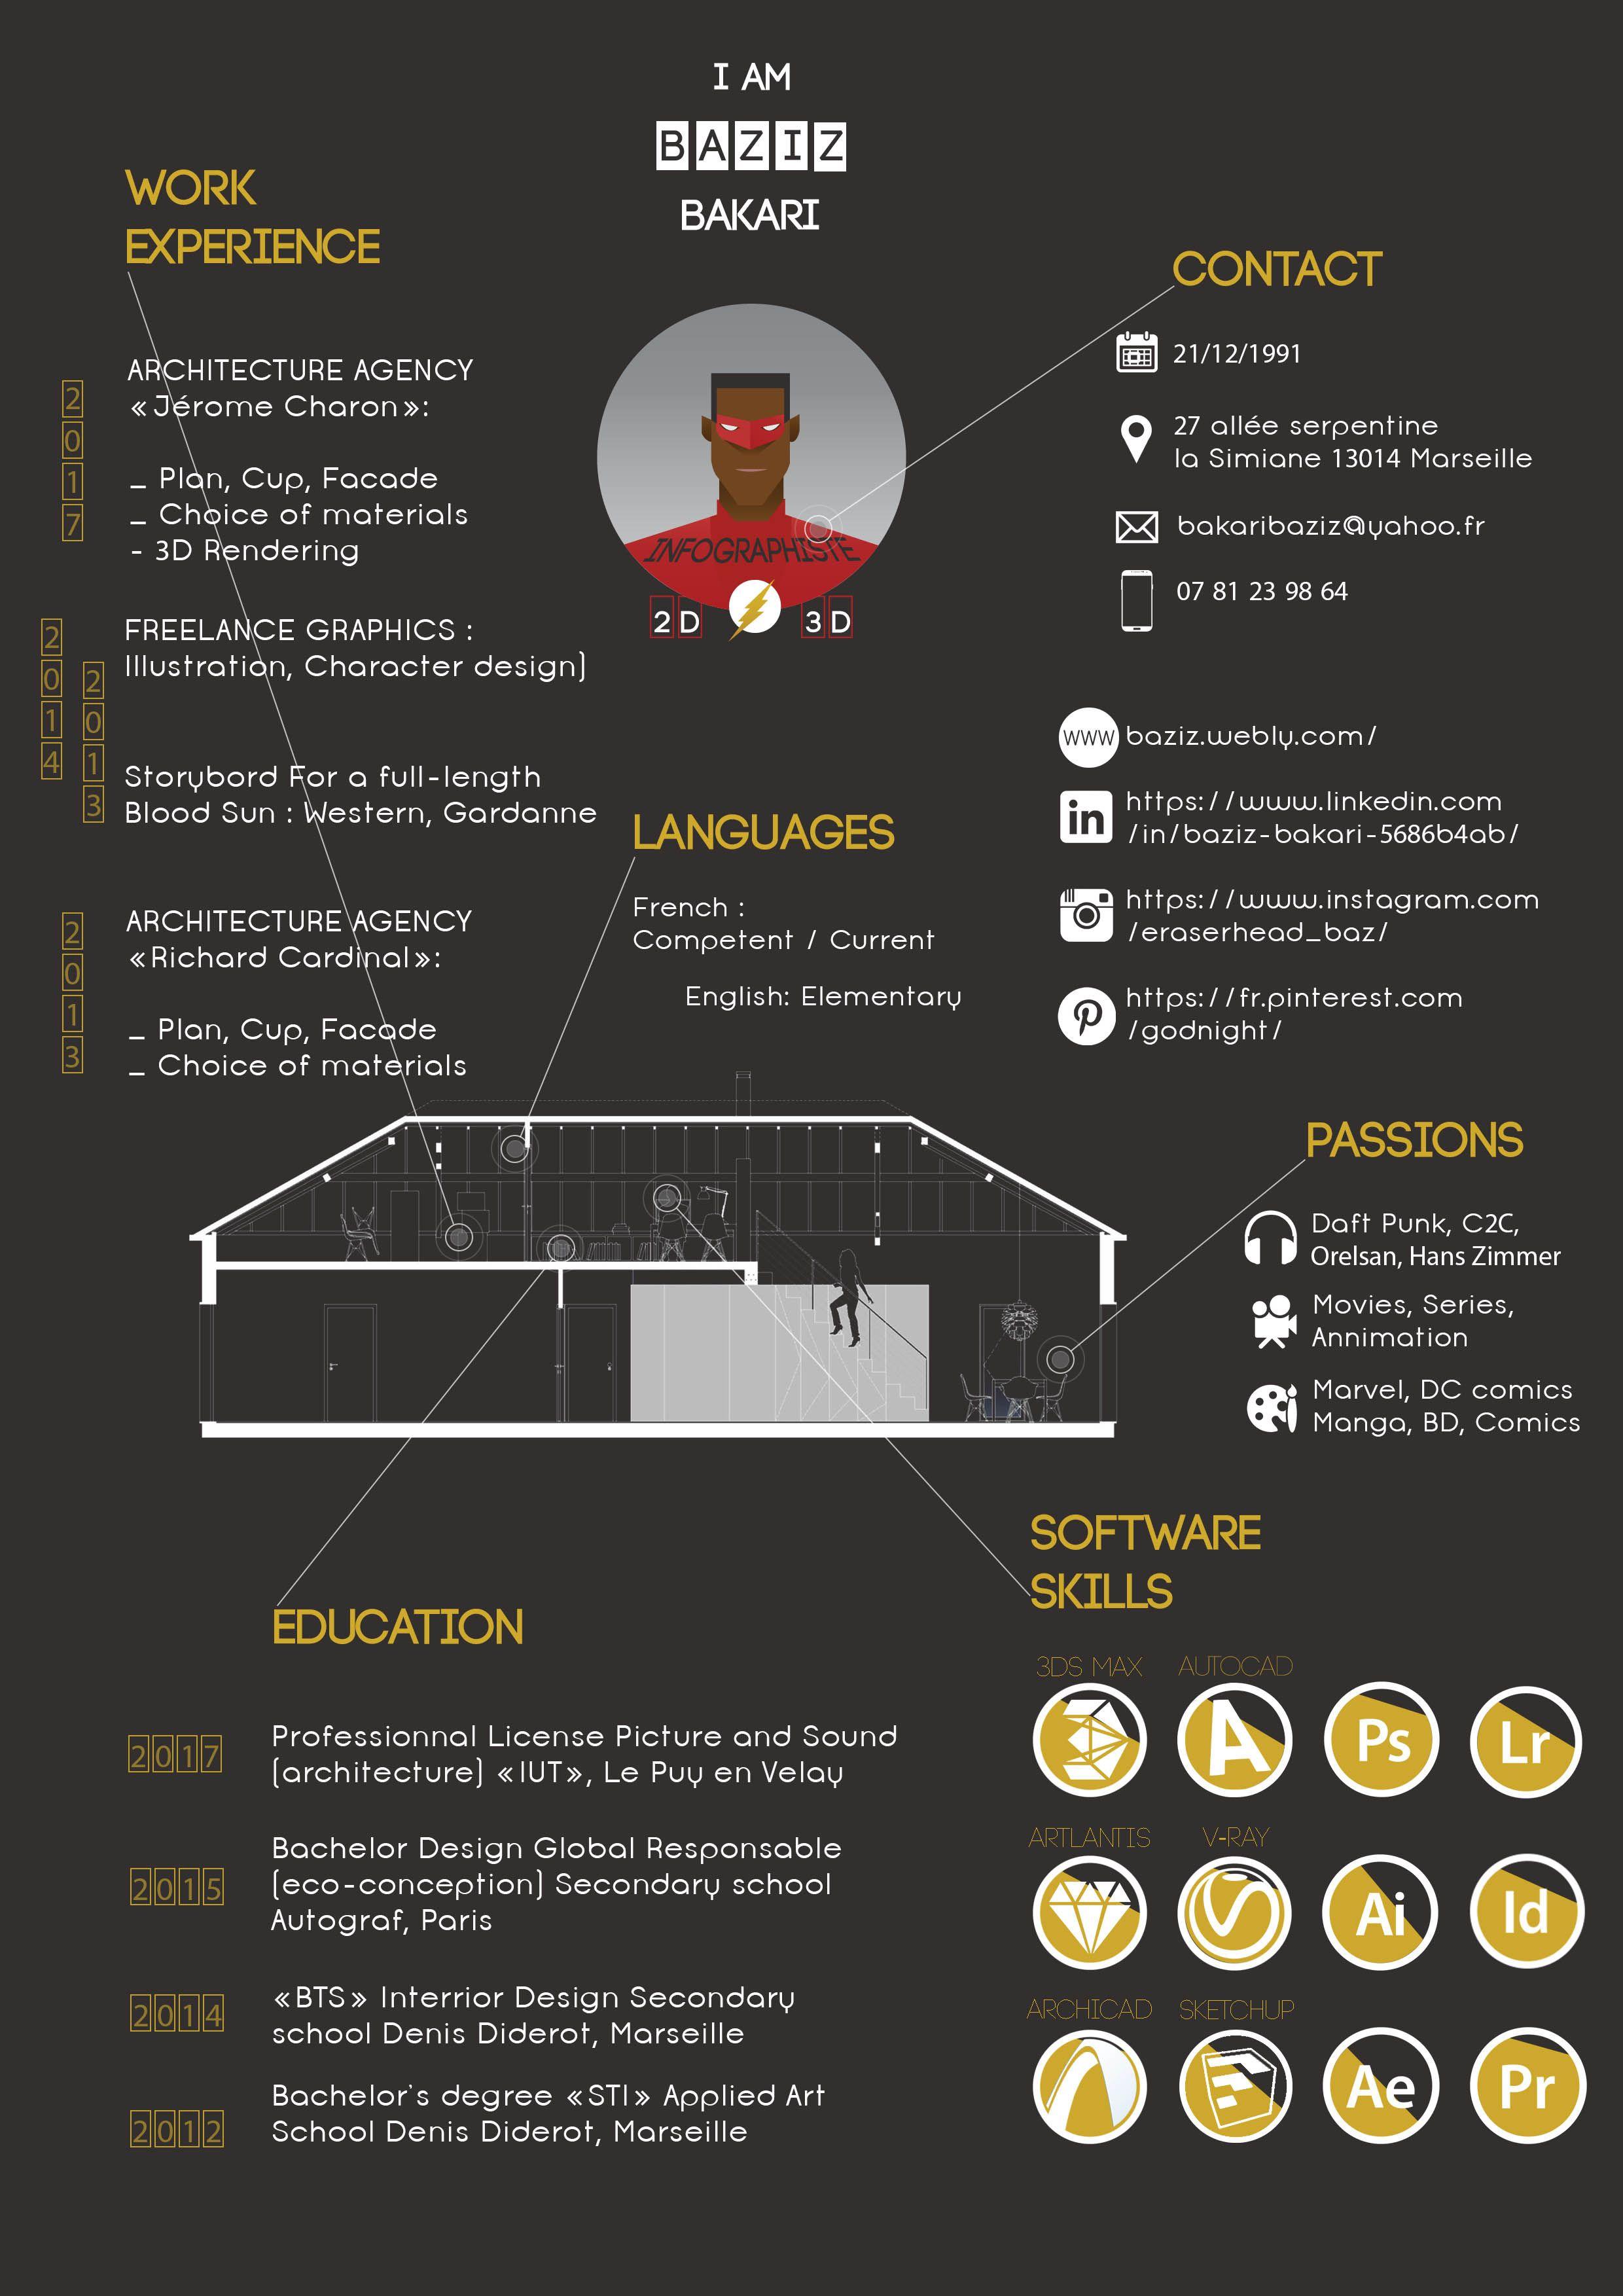 Curriculum Vitae By Baziz Bakari Infographiste Infographiste3d Infographiste2d Illustrateur Archit Modele De Cv Creatif Cv Infographiste Design Cv Creatif